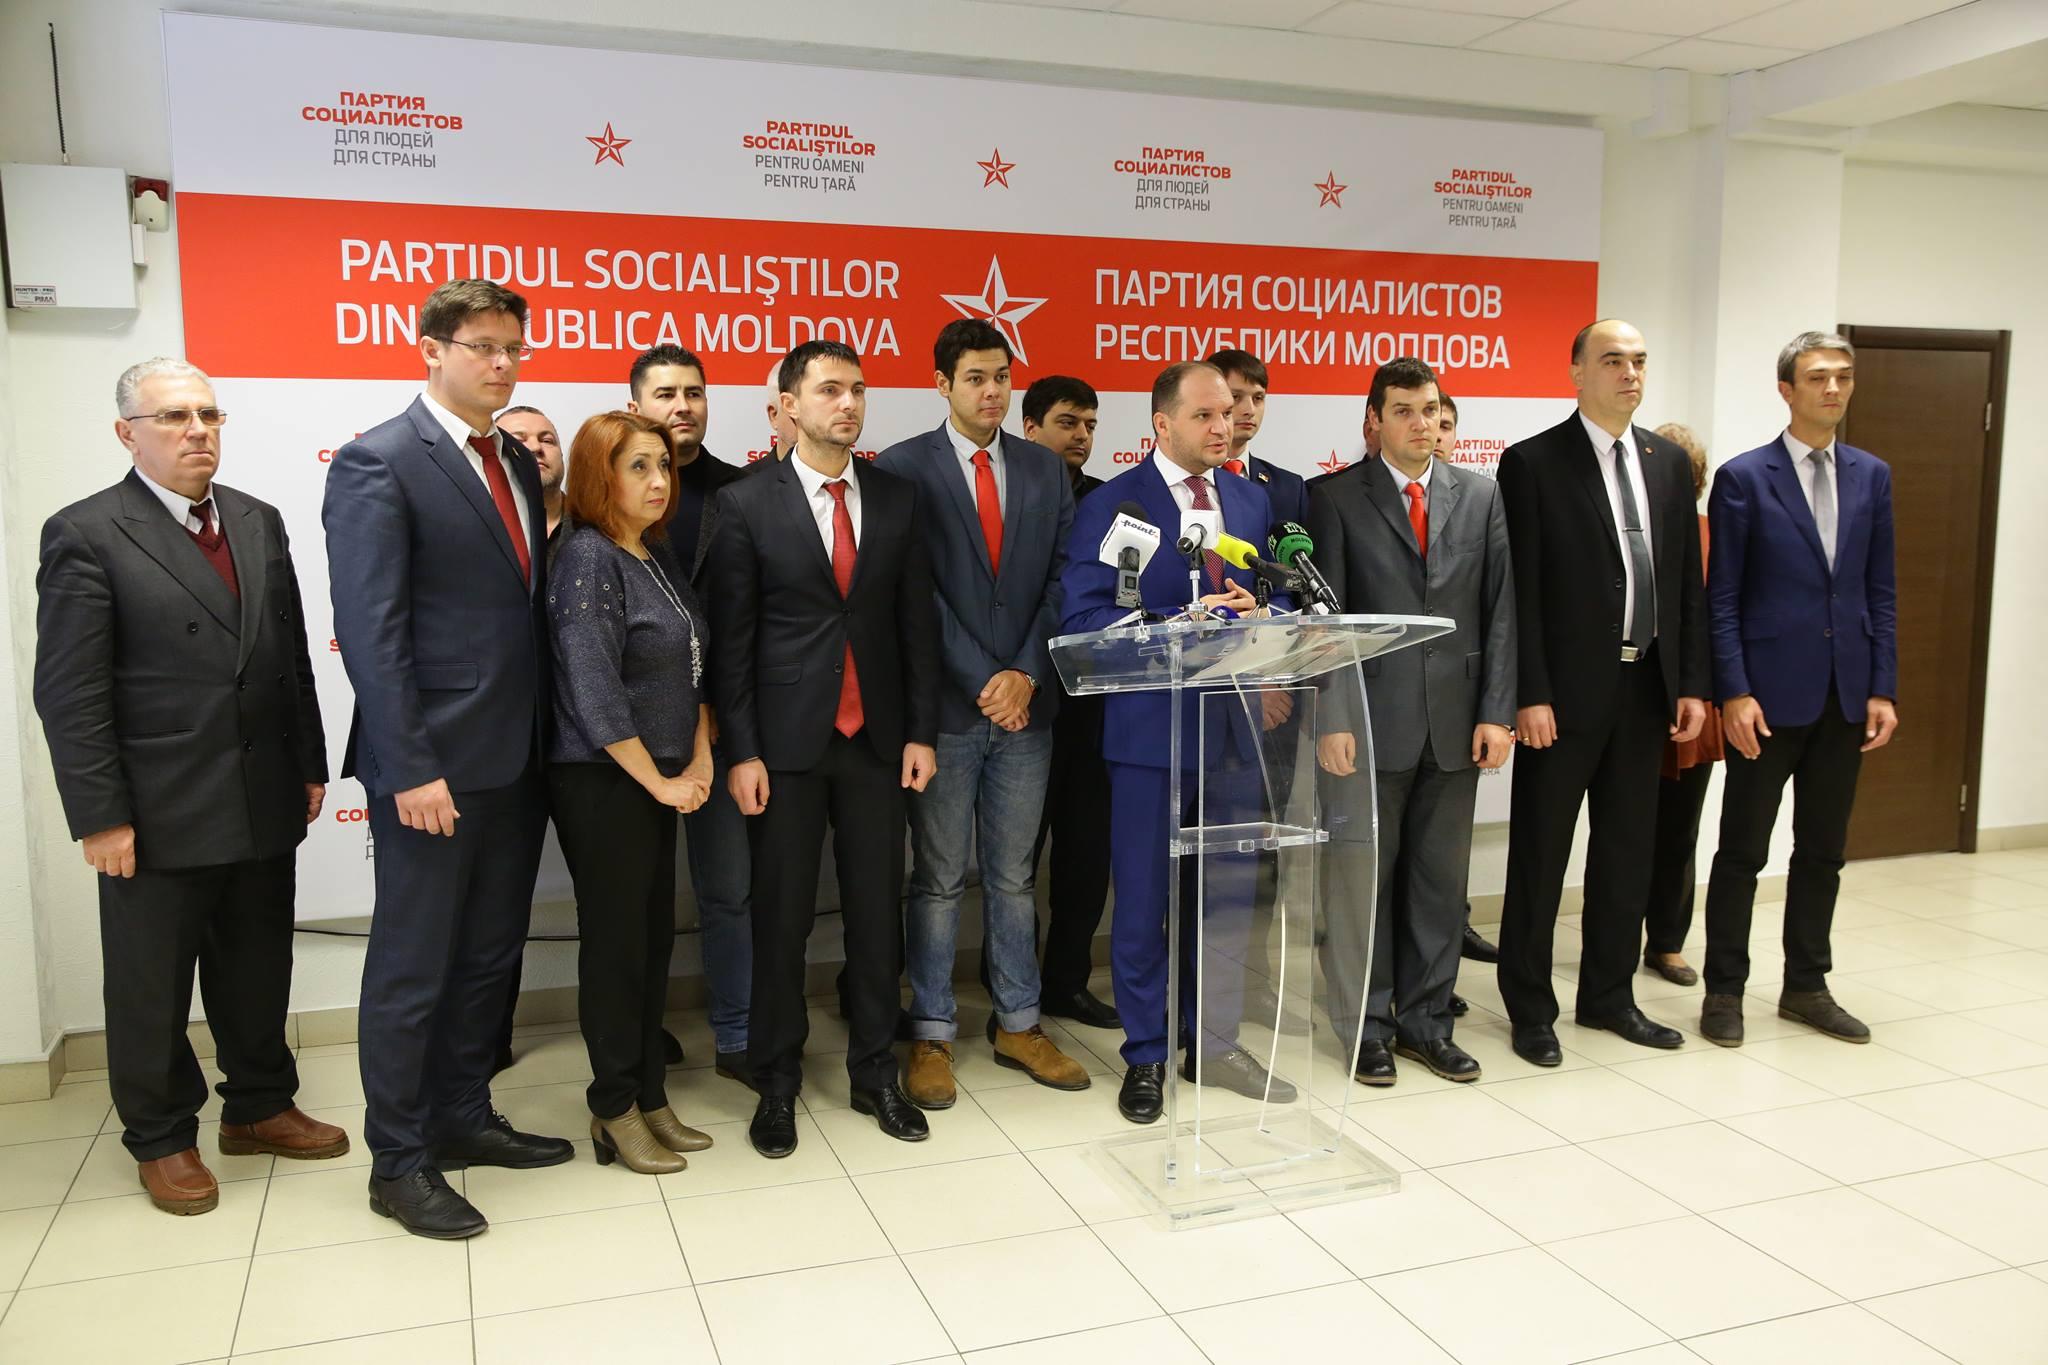 Socialiștii: Niciodată nu vom diviza locuitorii mun. Chișinău pe criterii politice